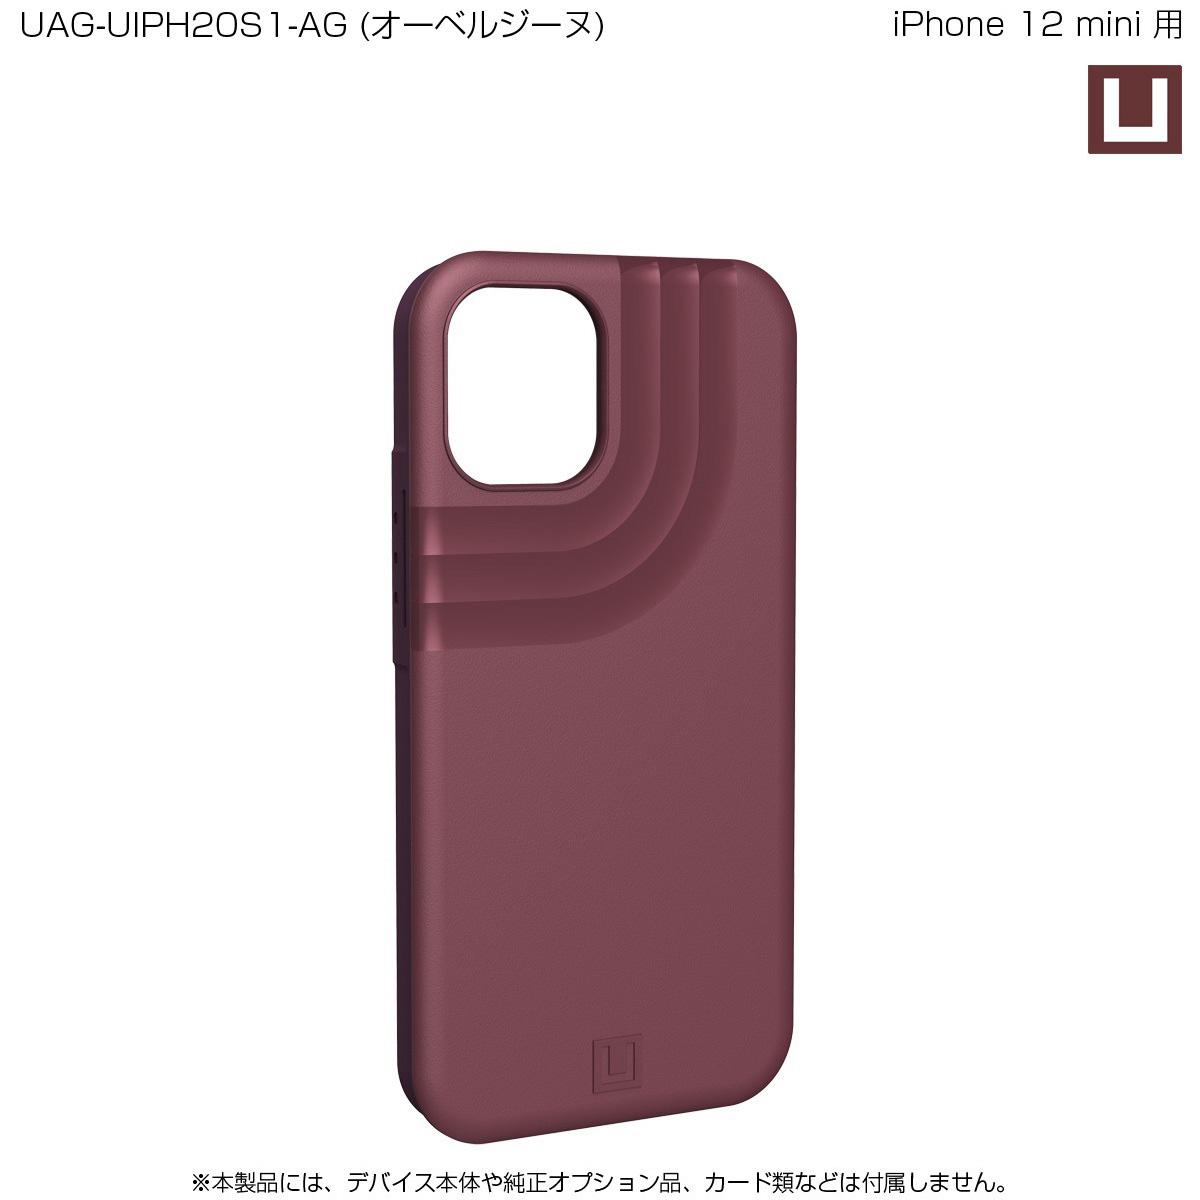 U by UAG iPhone 12 mini用 ANCHORケース 全4色 耐衝撃 UAG-UIPH20S1シリーズ 5.4インチ